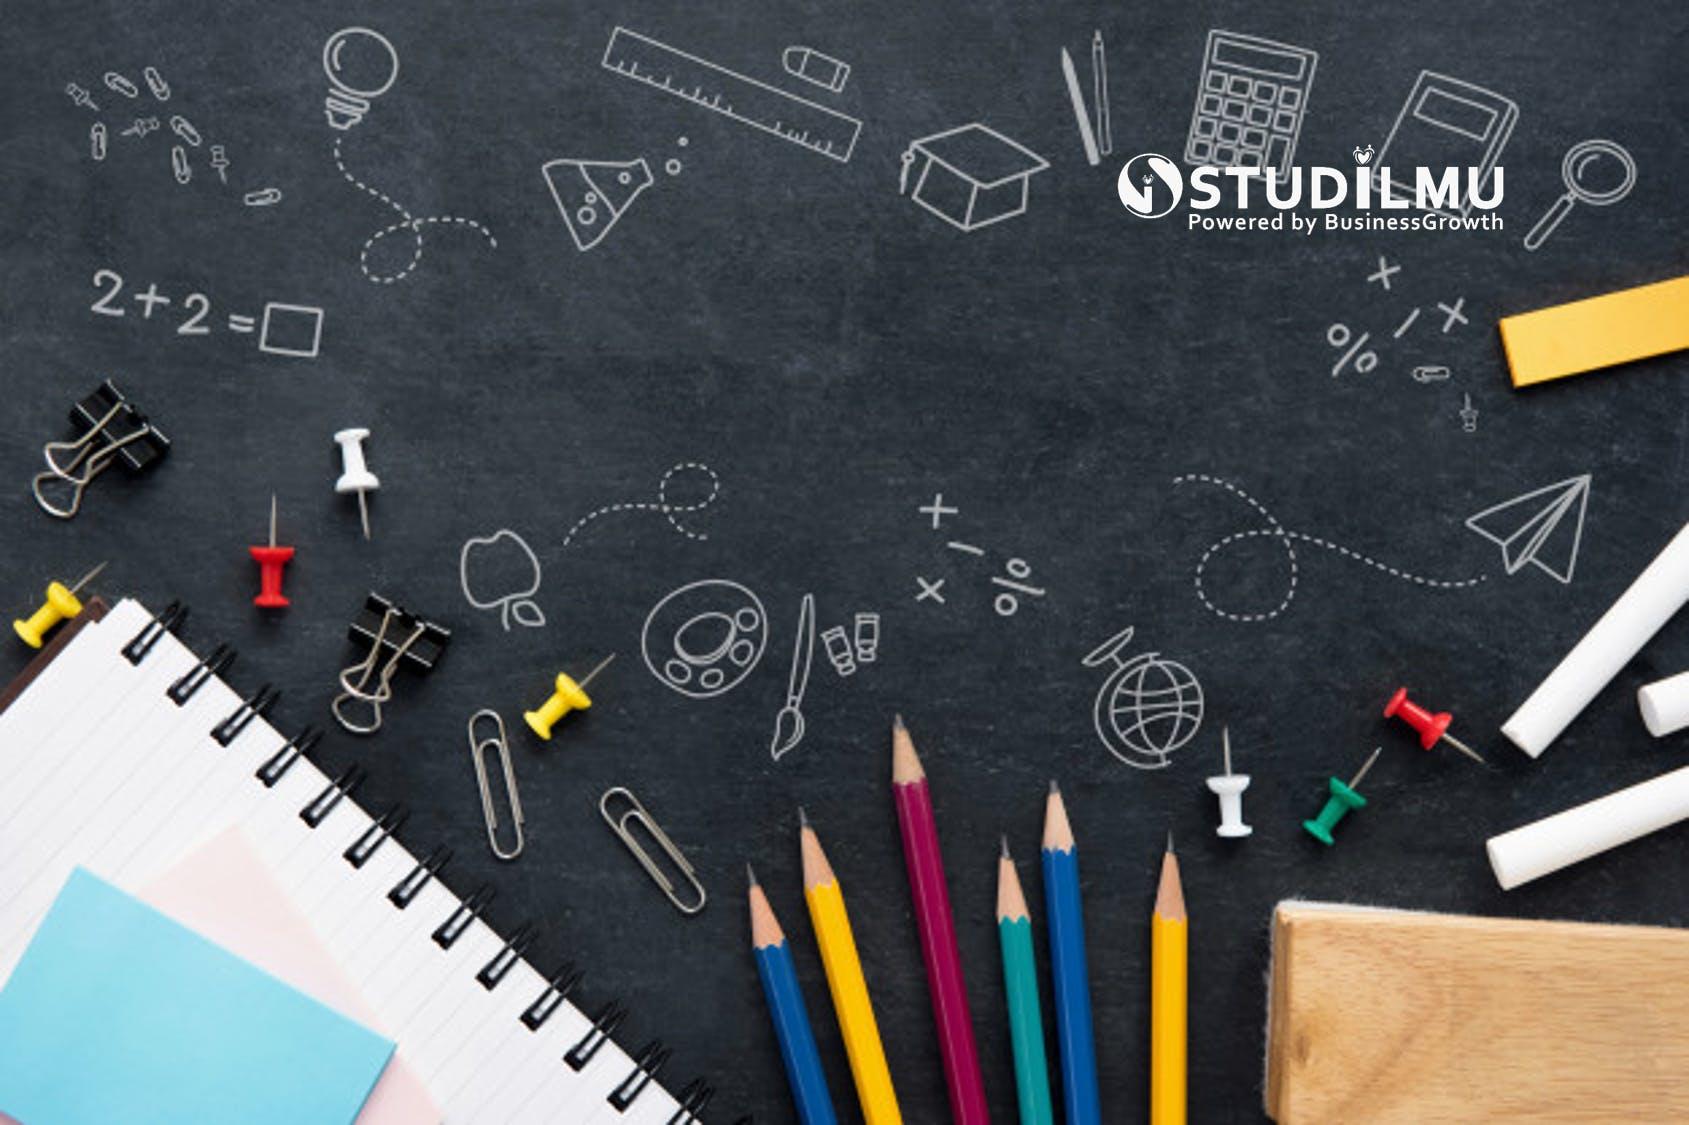 STUDILMU Career Advice - Fungsi Moodle dalam Bidang Pendidikan